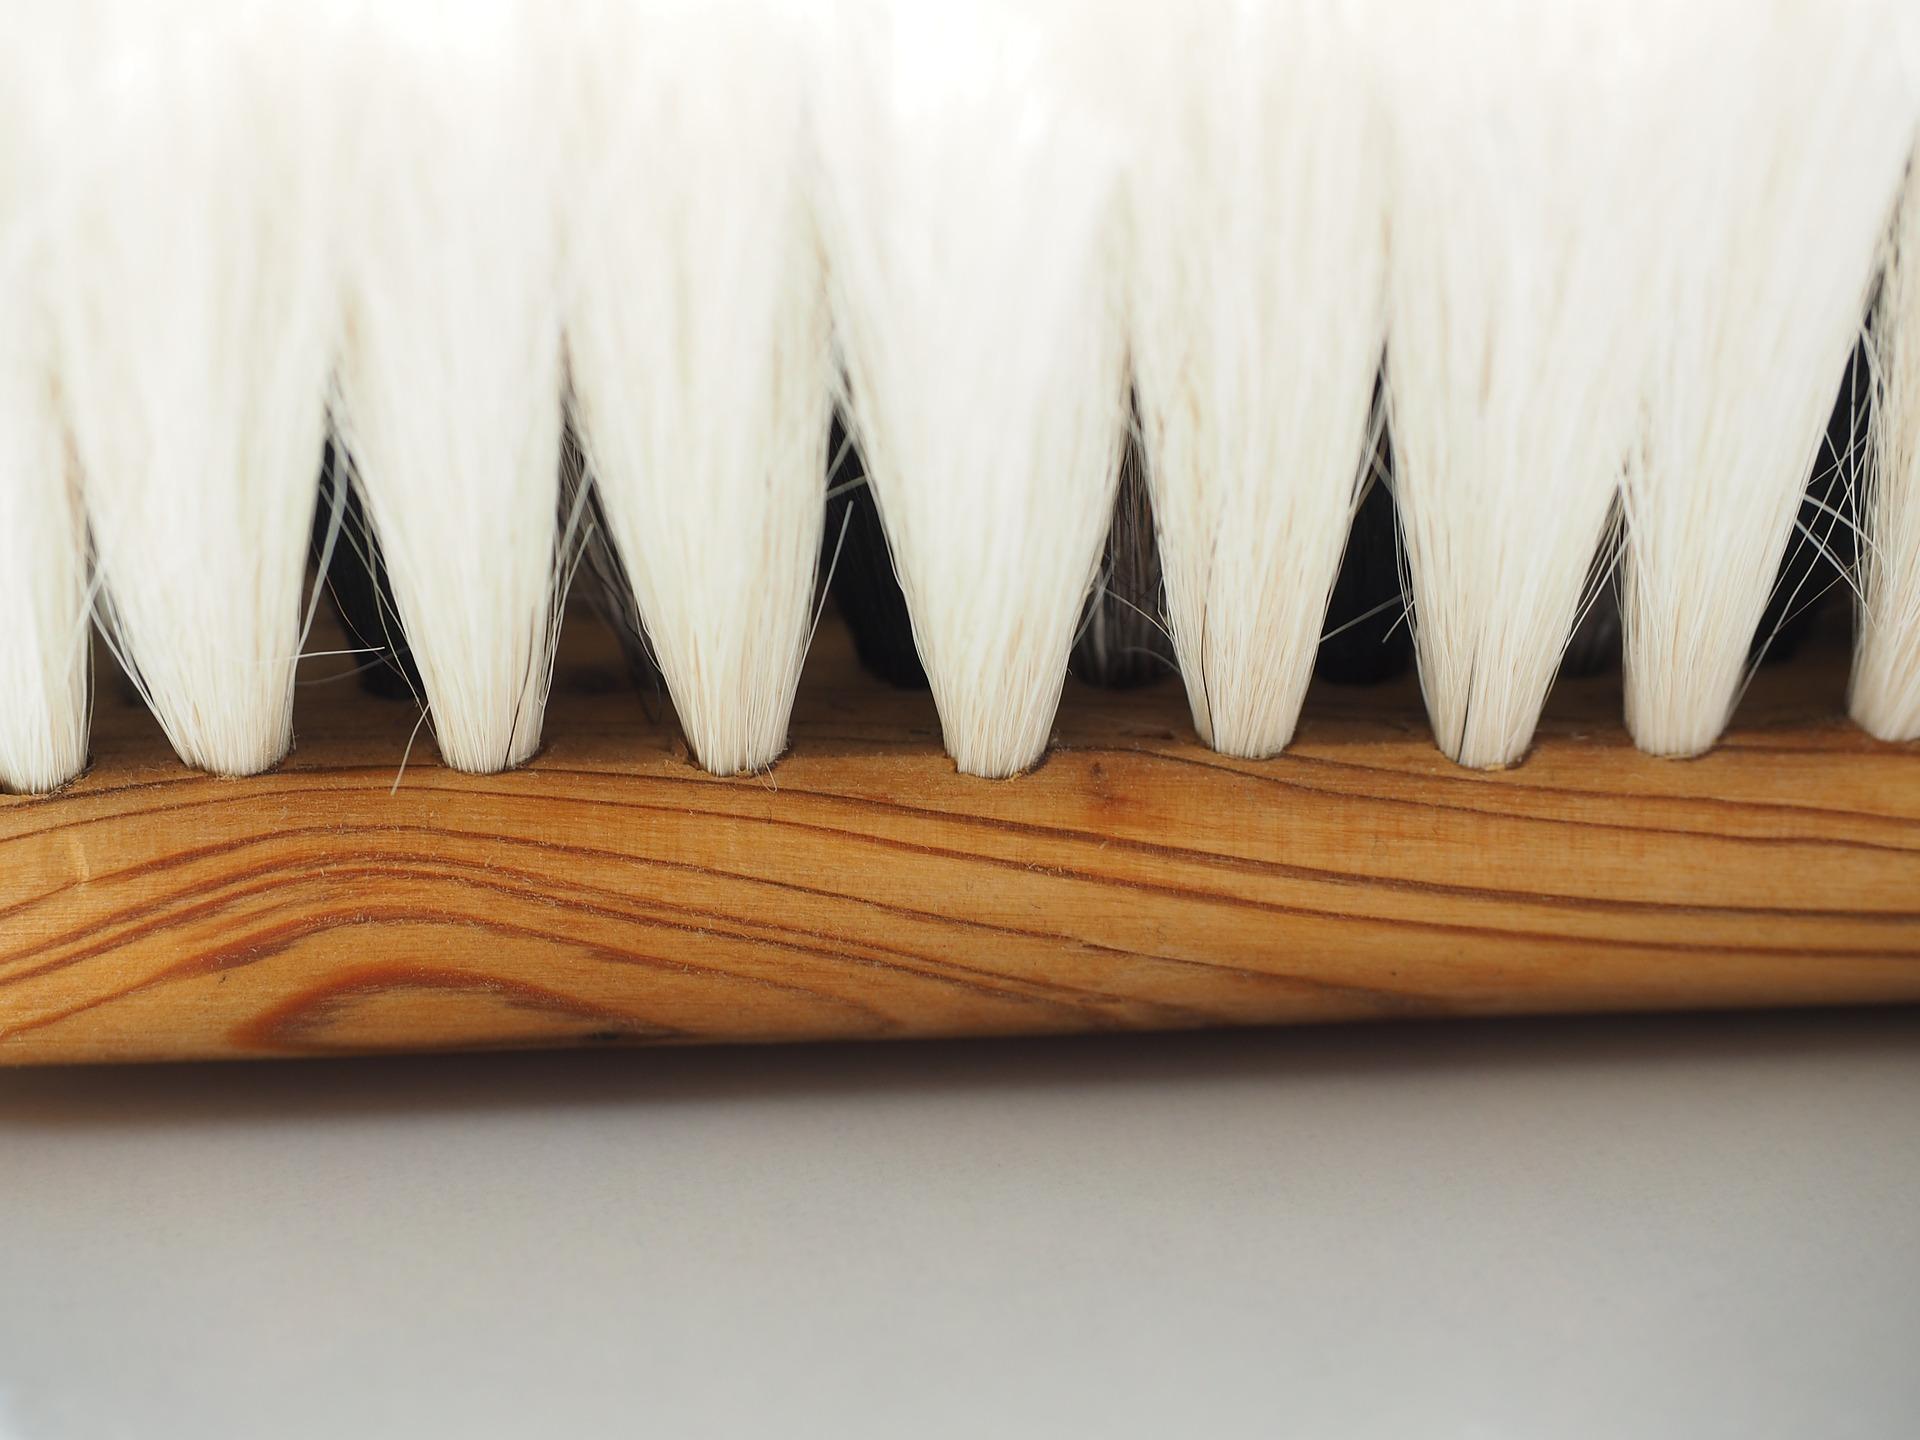 Drevená zubná kefka nezaťaží zdravie rýchlejšie sa rozloží